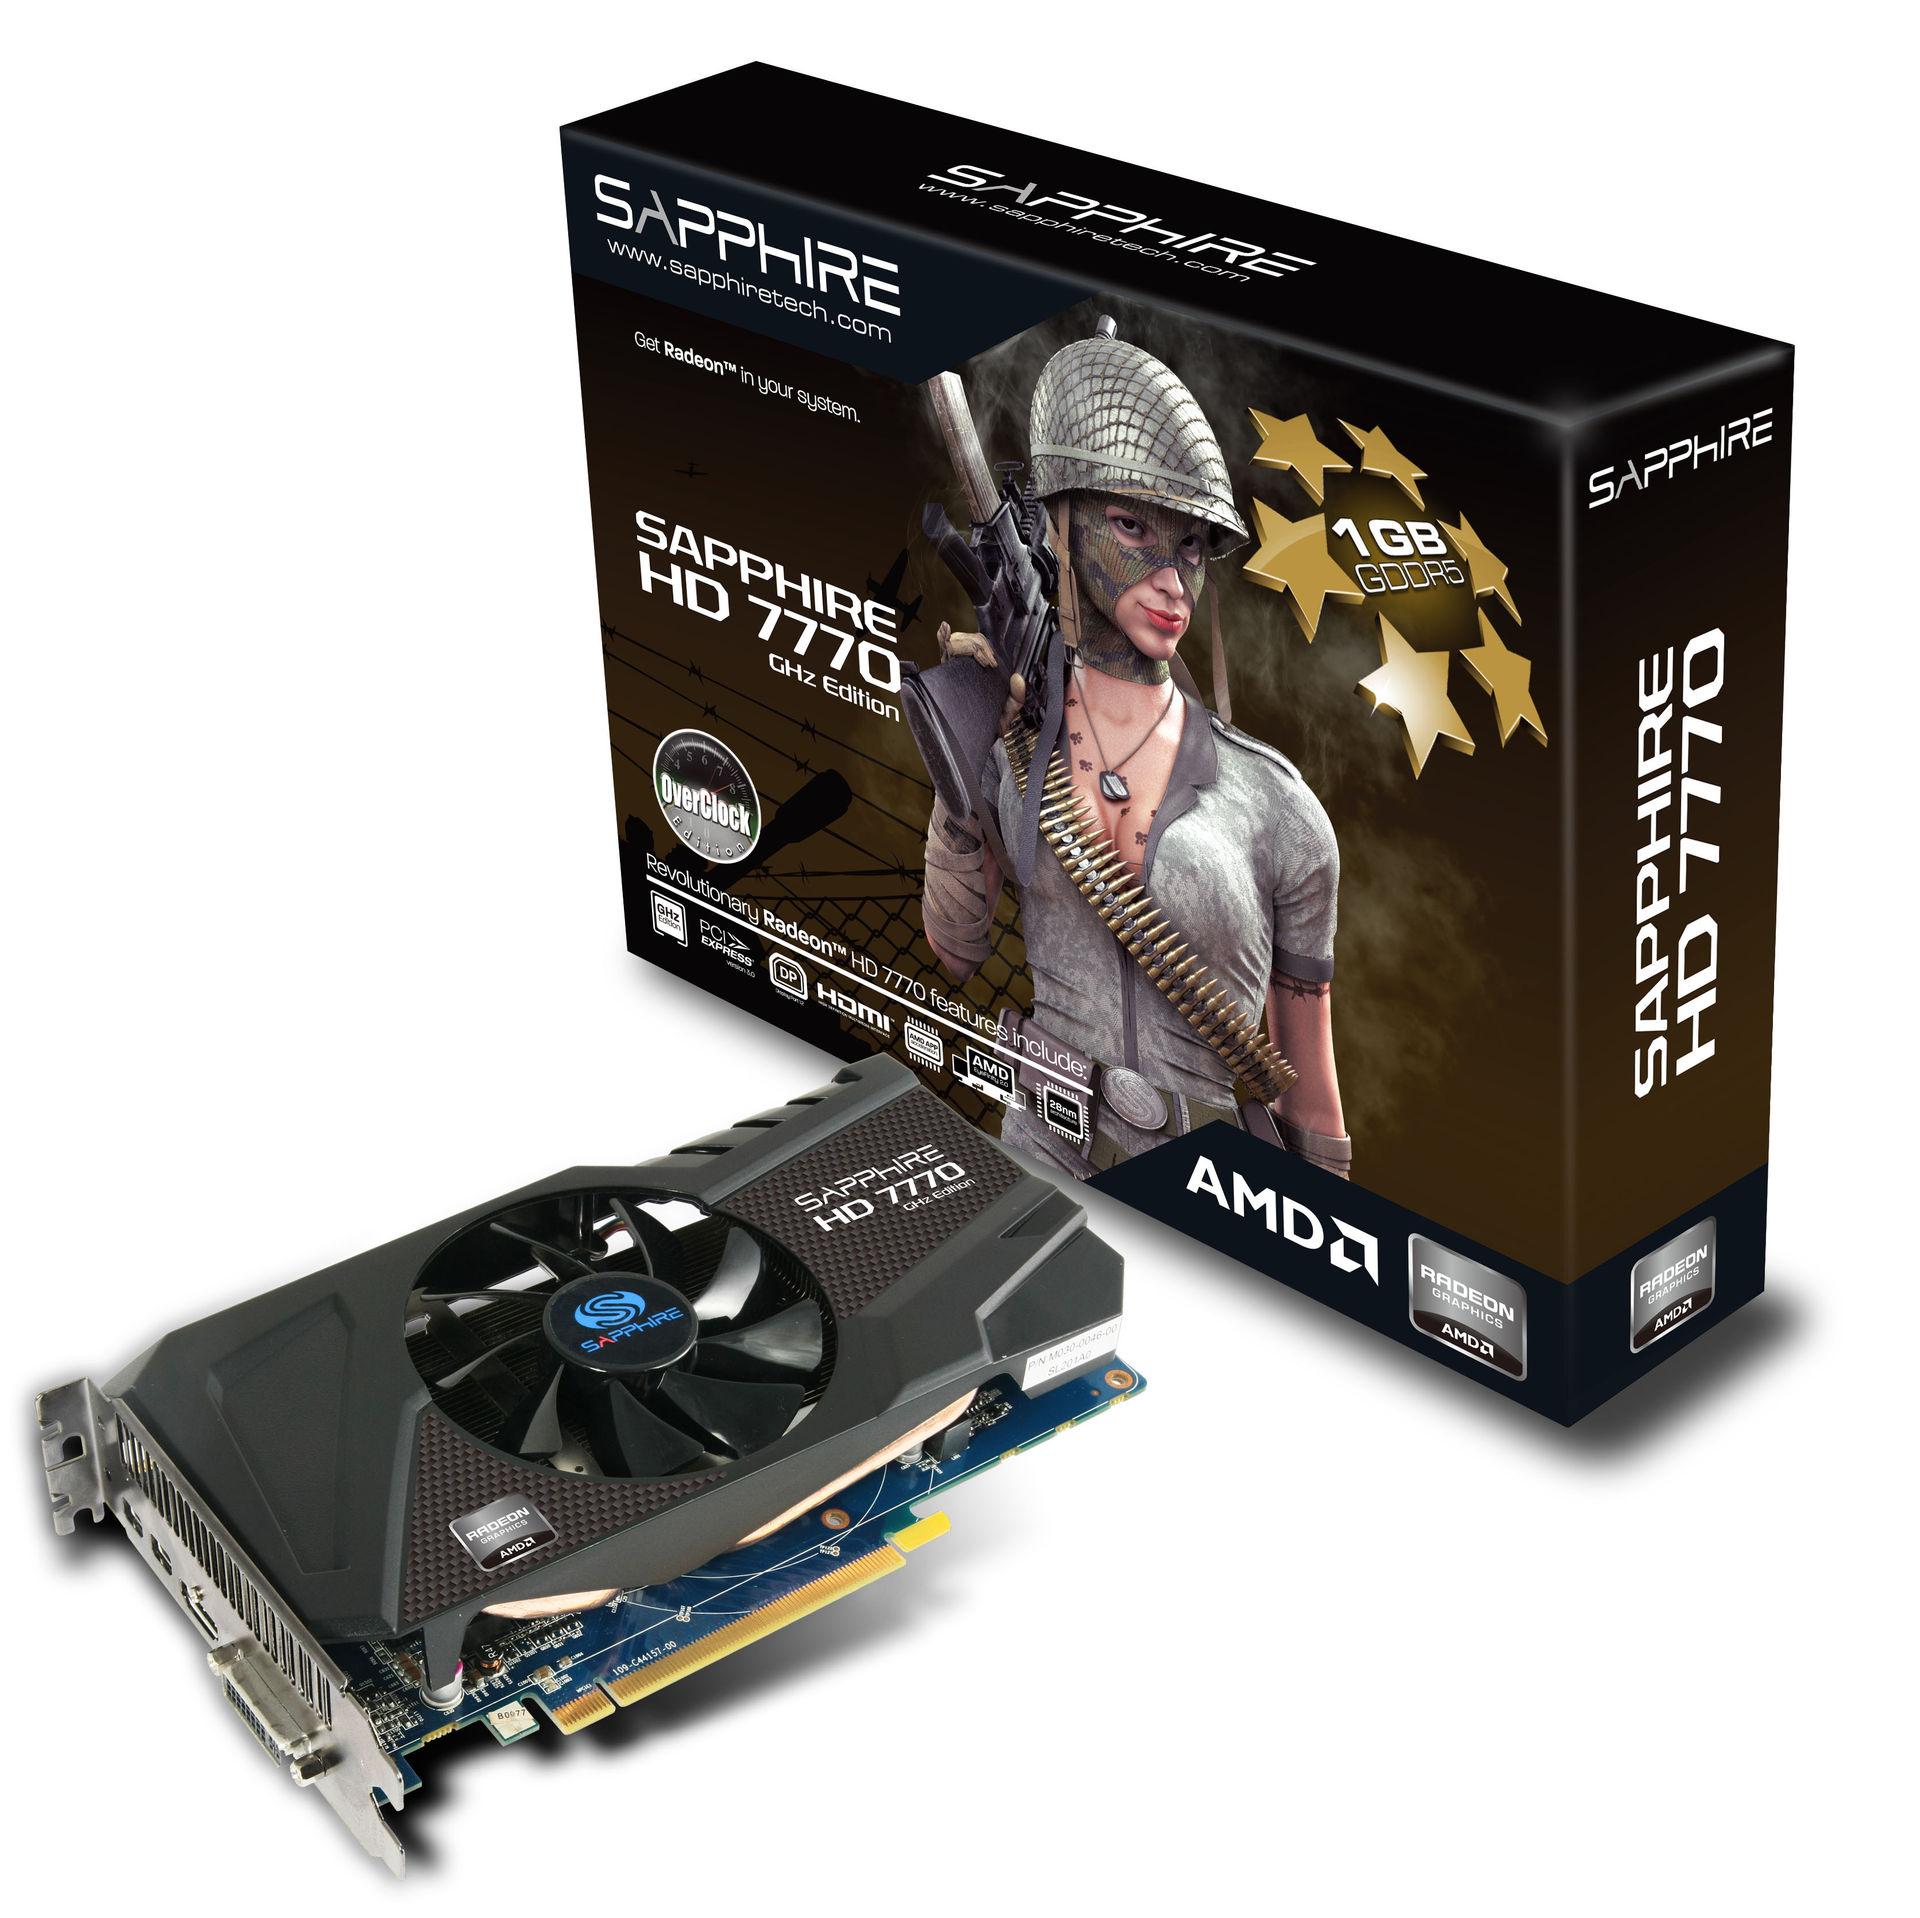 Sapphire_AMD_HD7770_GHz_OC